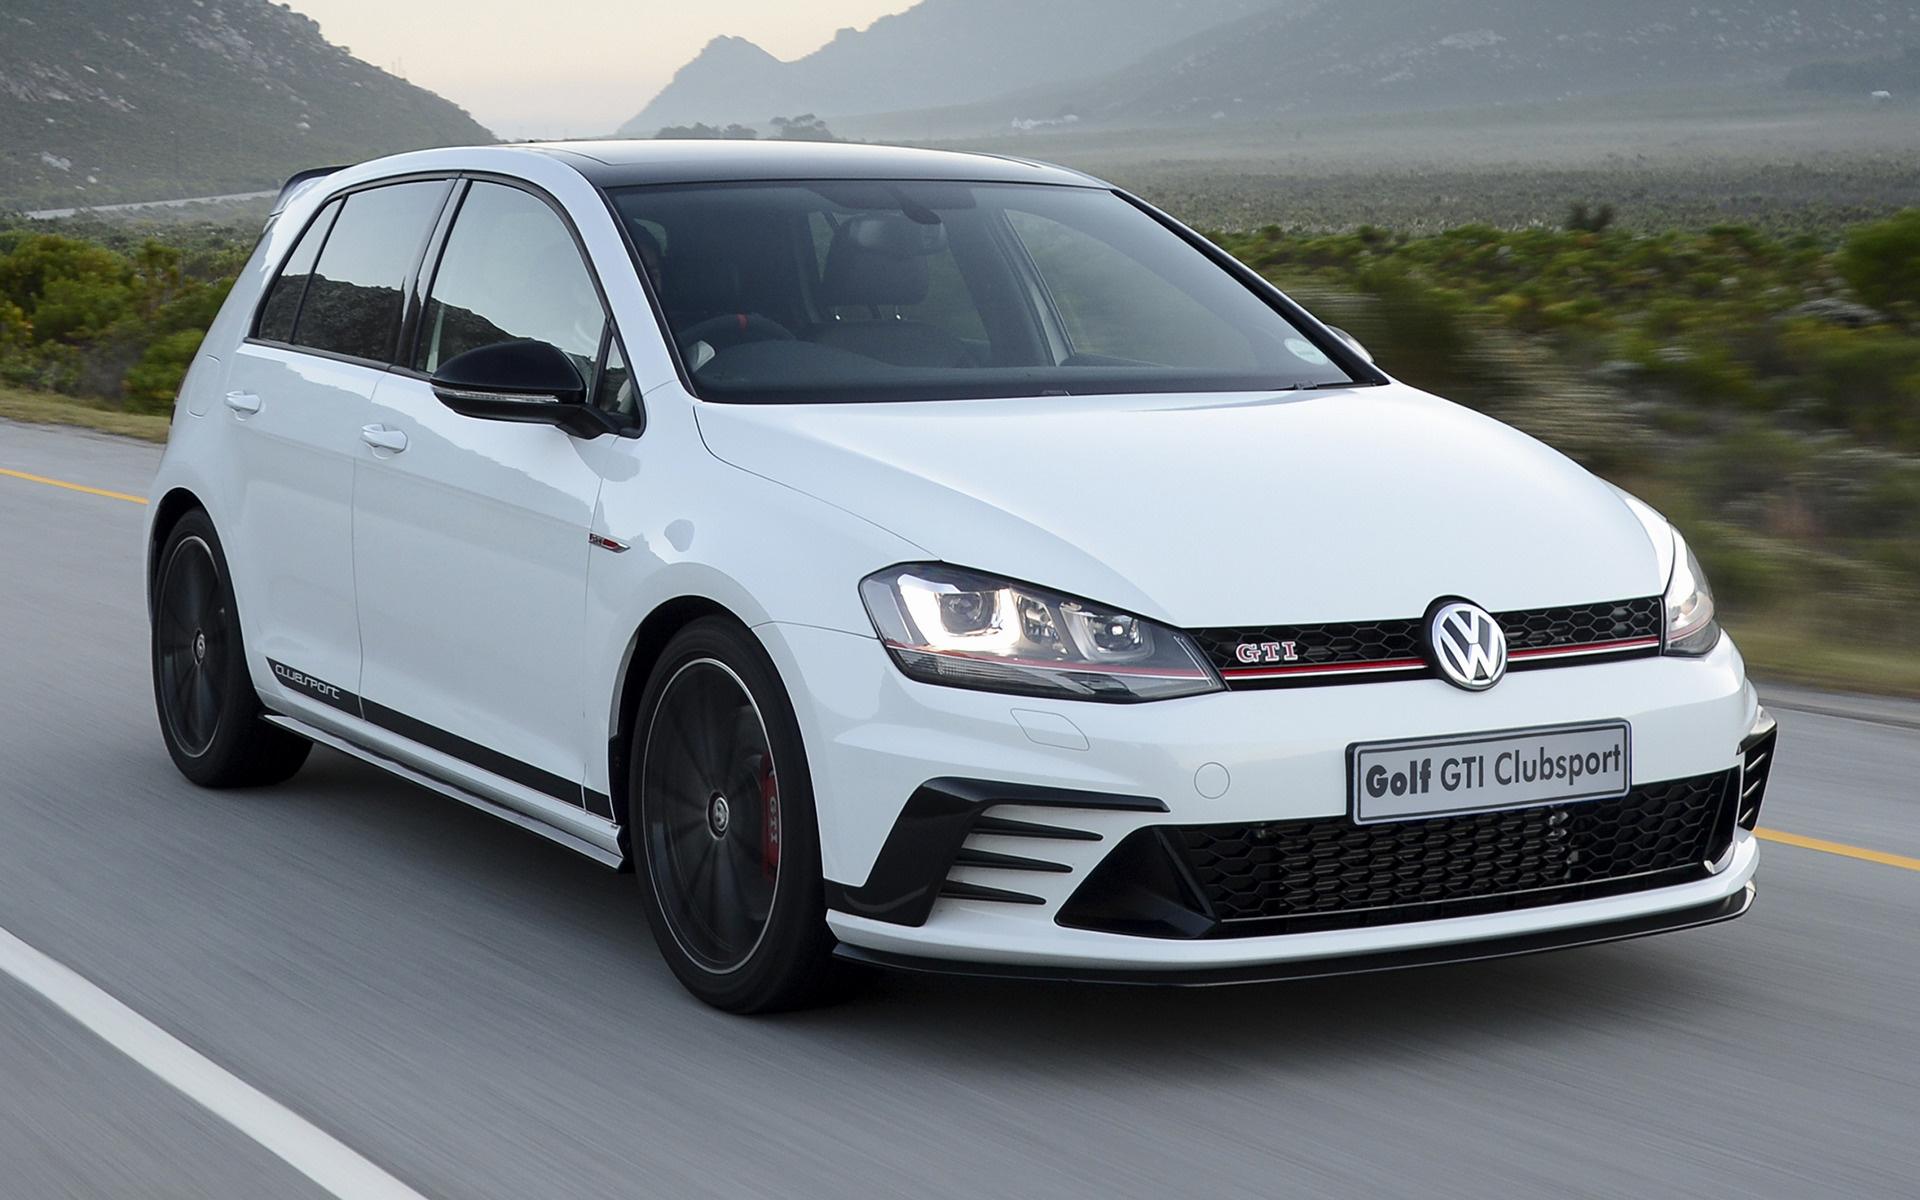 2016 Volkswagen Golf Gti Clubsport 5 Door Za